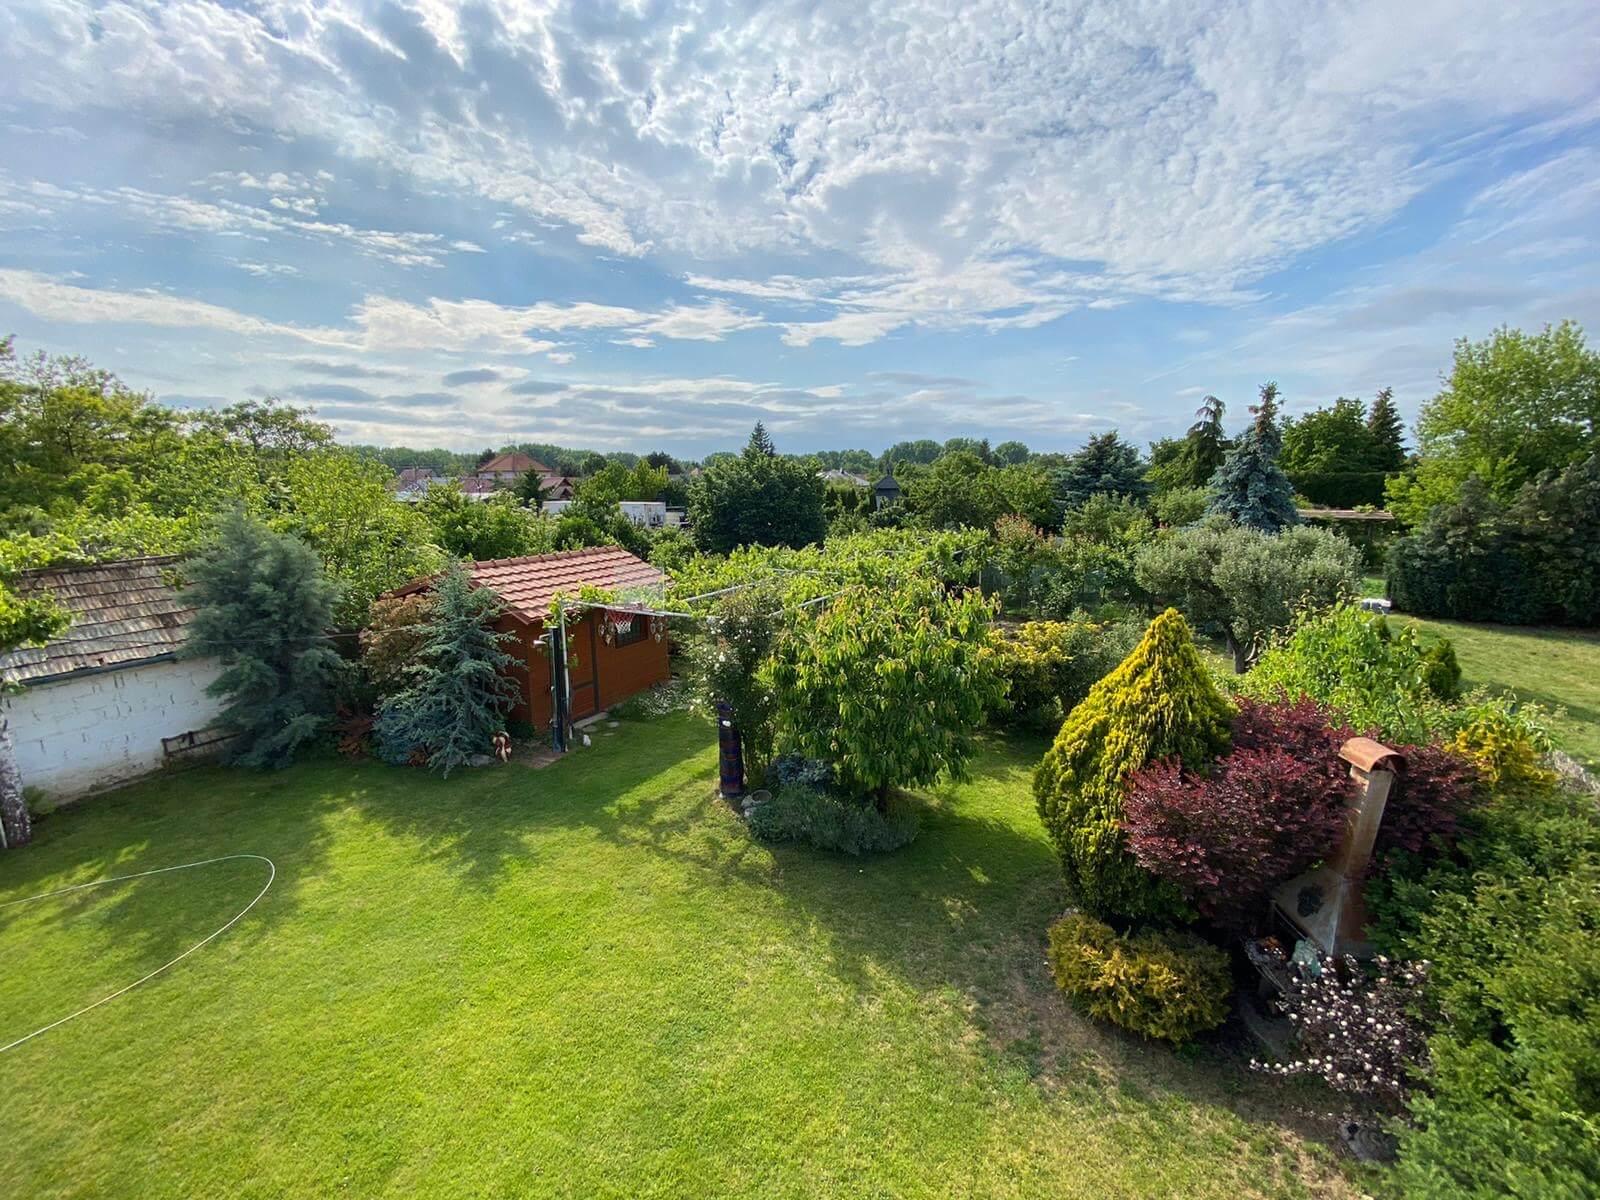 Predané: Predaj Rodinný dom v Šoporni, v tichej lokalite, pozemok 674m2, úžitková plocha 181m2,záhrada, kôlňa-4